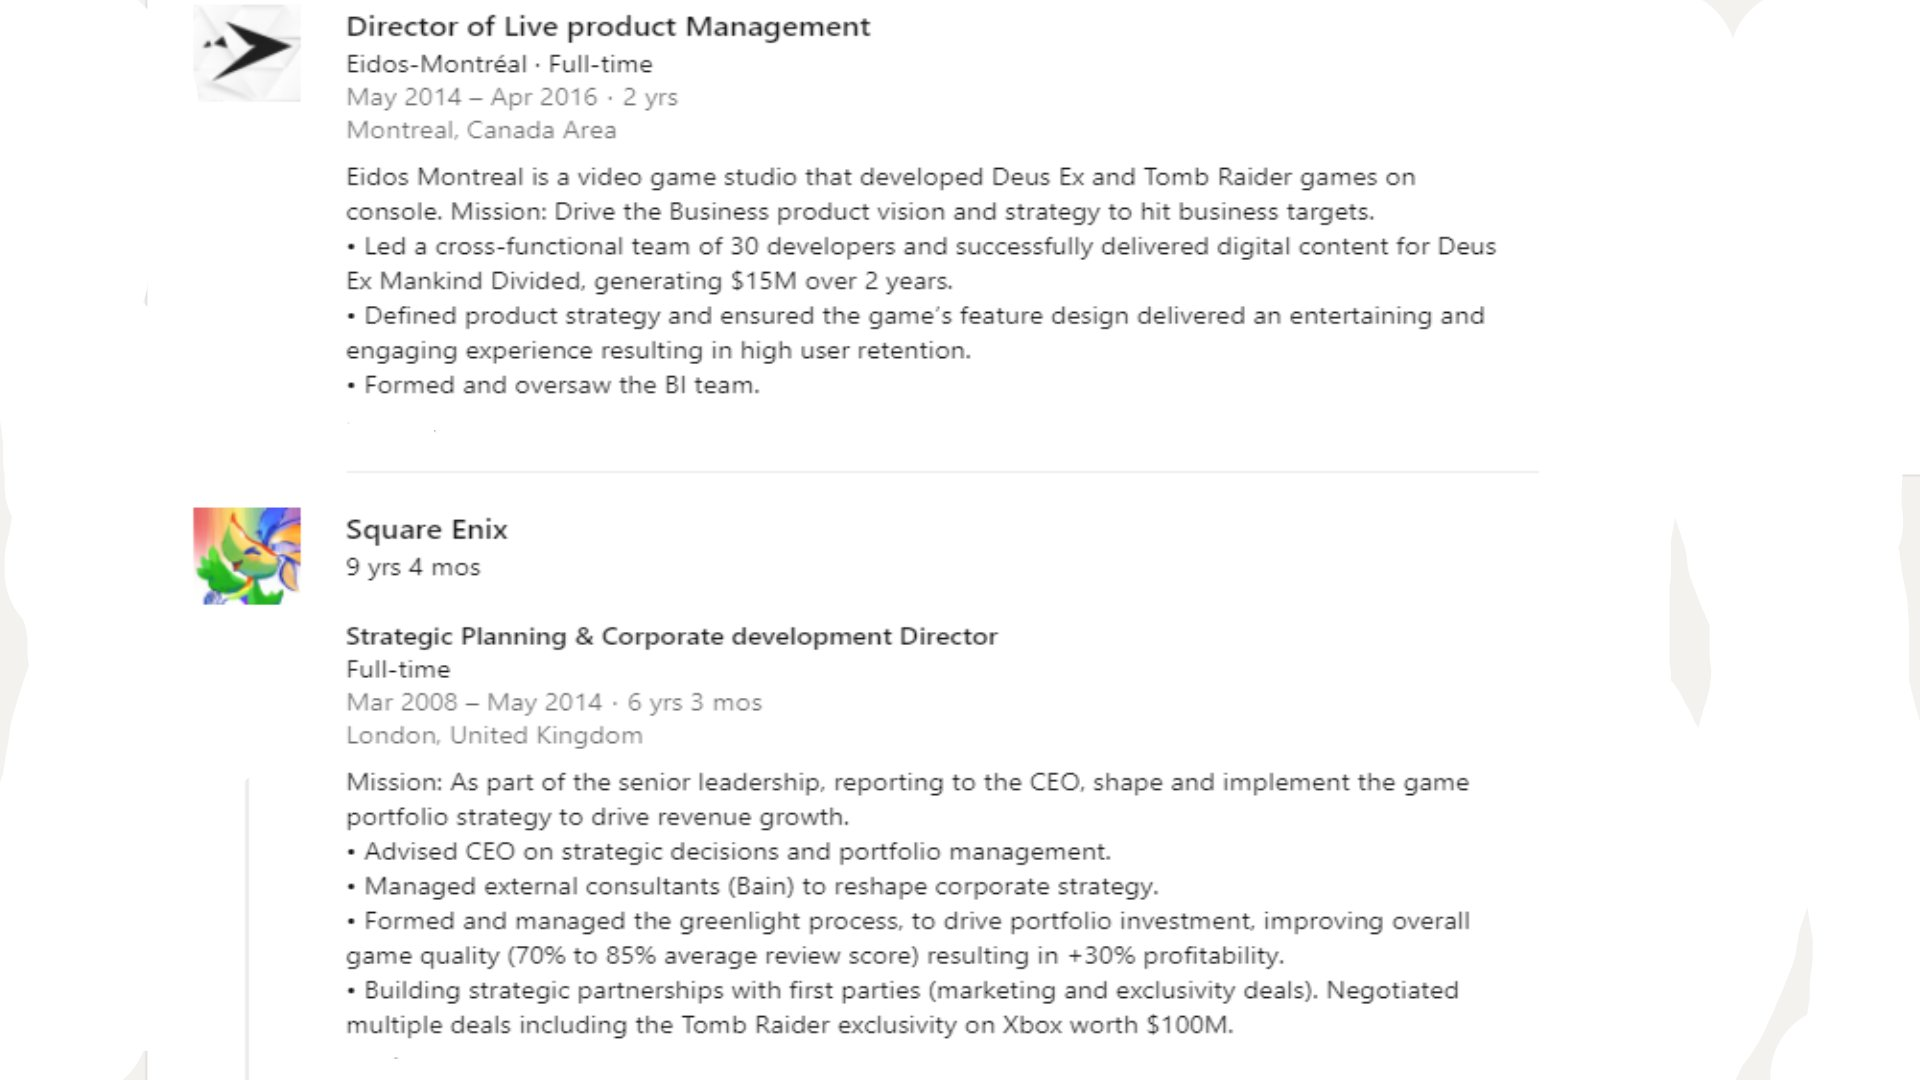 Временная эксклюзивность Rise of the Tomb Raider для Xbox обошлась Microsoft в 100 миллионов долларов